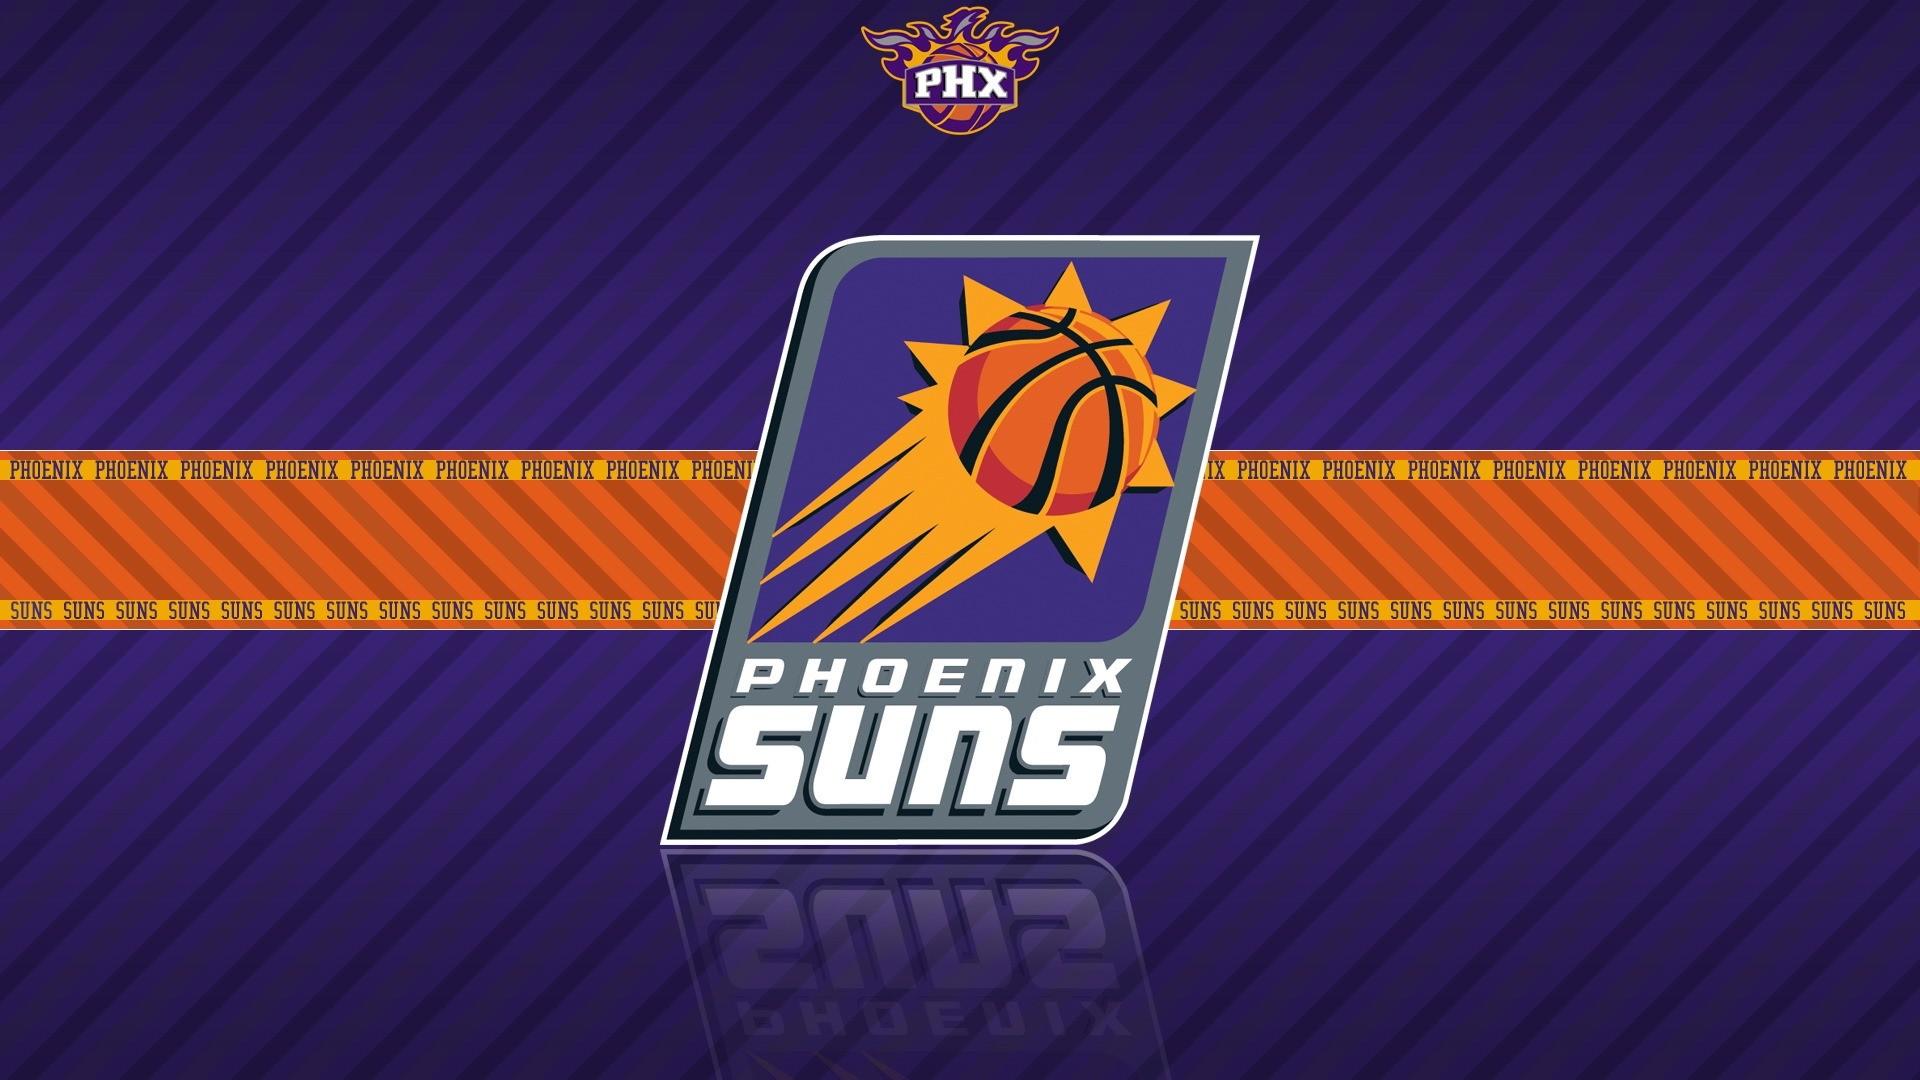 Phoenix Wallpaper Iphone Phoenix Suns Wallpaper Hd 2019 Basketball Wallpaper